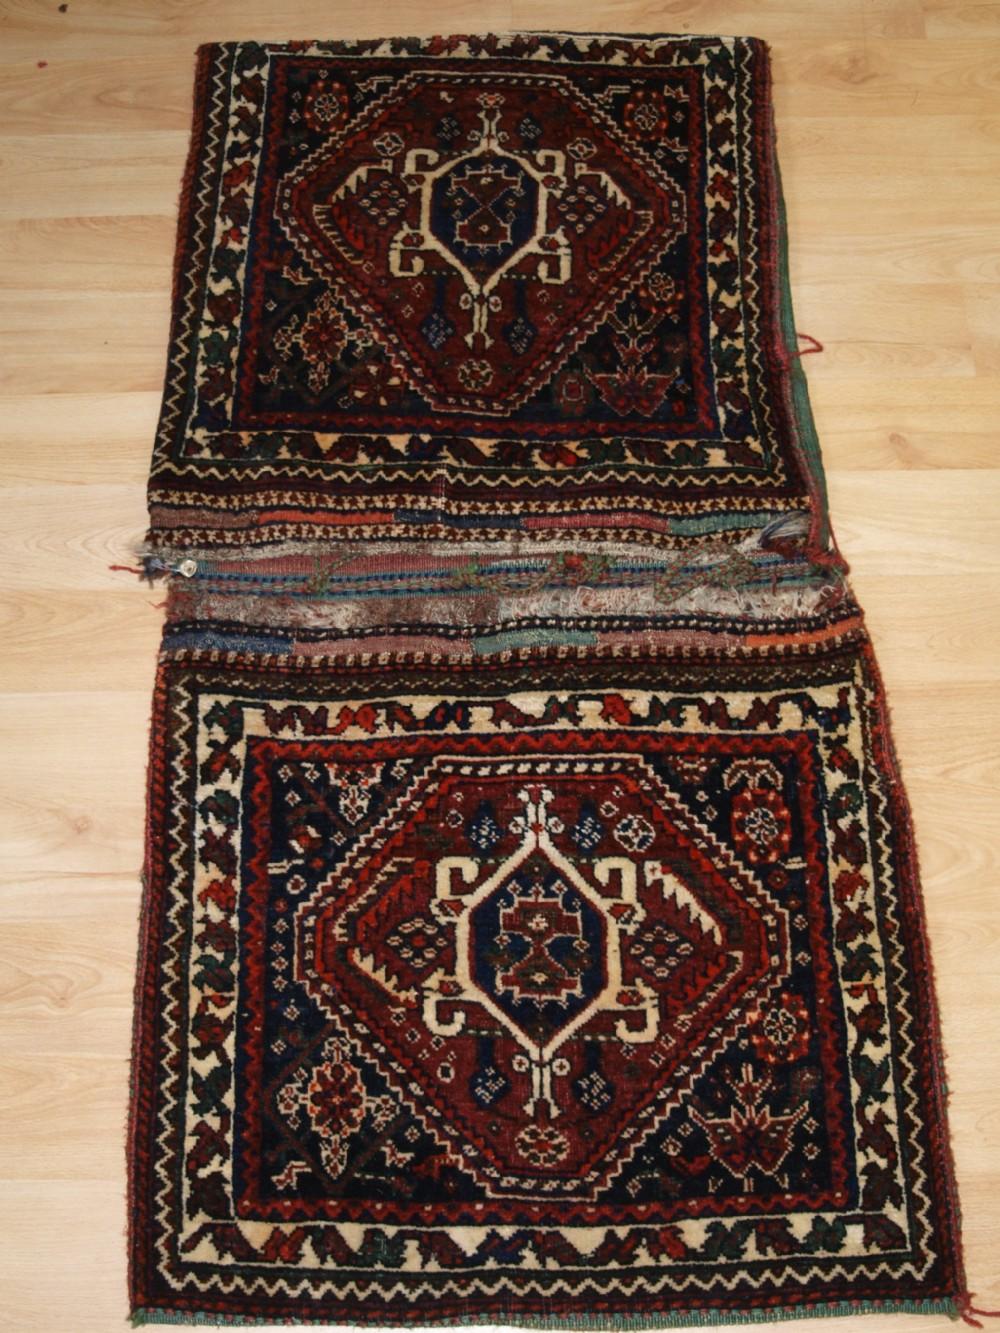 antique complete qashqai khorjin saddle bags with plain weave back circa 190020